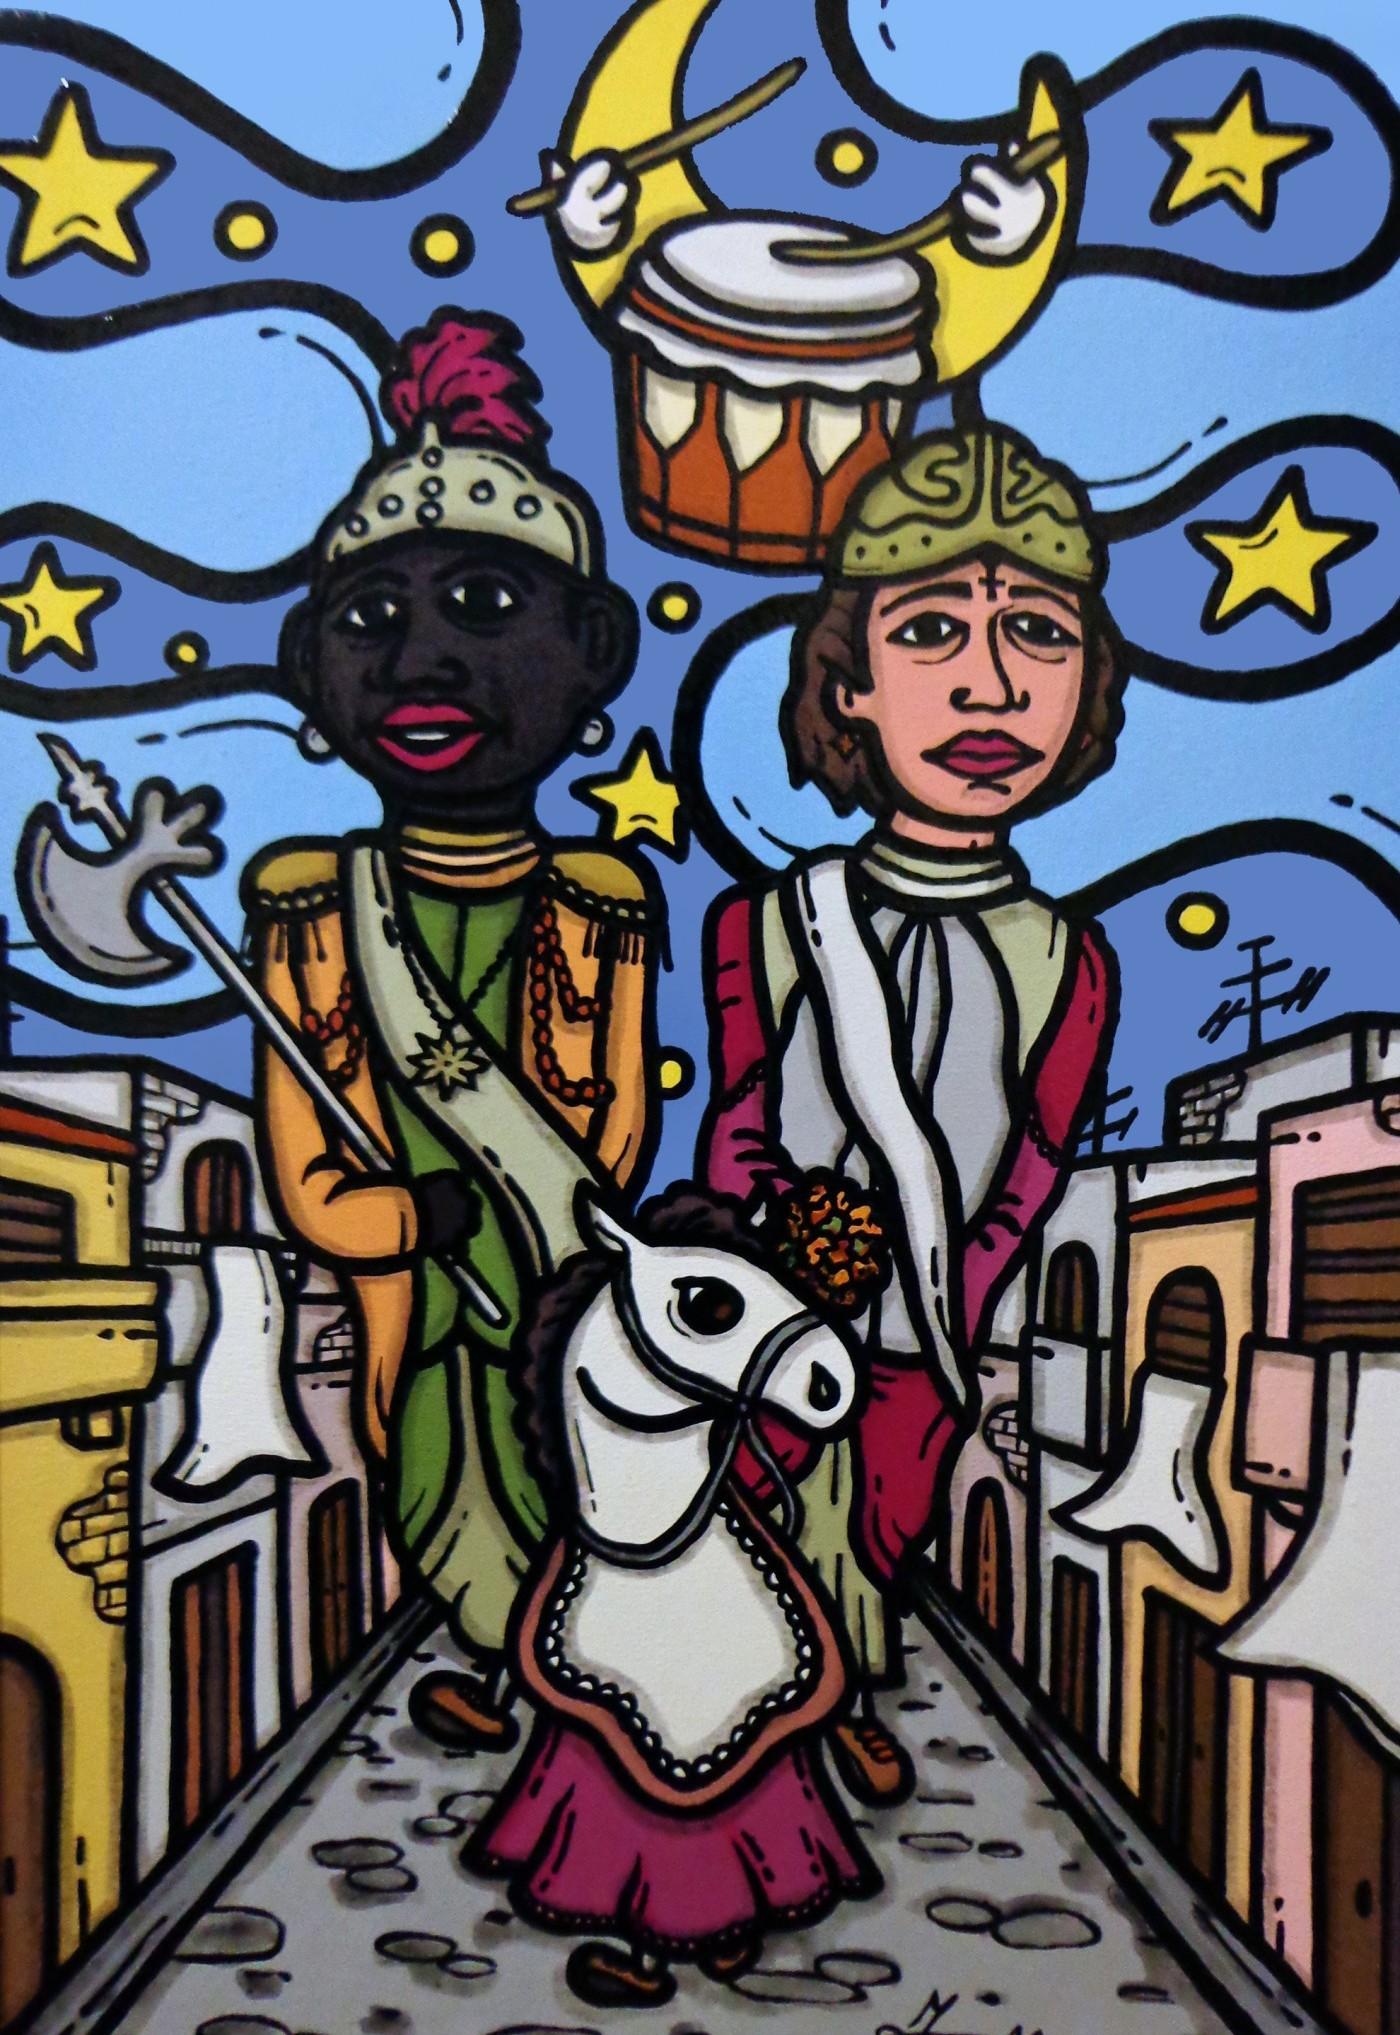 opera d'arte, contornismo metafisico, francesco ferrulli, pittore pugliese, artista italiano, arte contemporanea, dipinto, olio su tela, acrilico su tela, paesaggi calabresi, quadro colorato, oil on canvas, art, painter, ulivarella, palmi, giganti, mata e grifone, stelle, luna